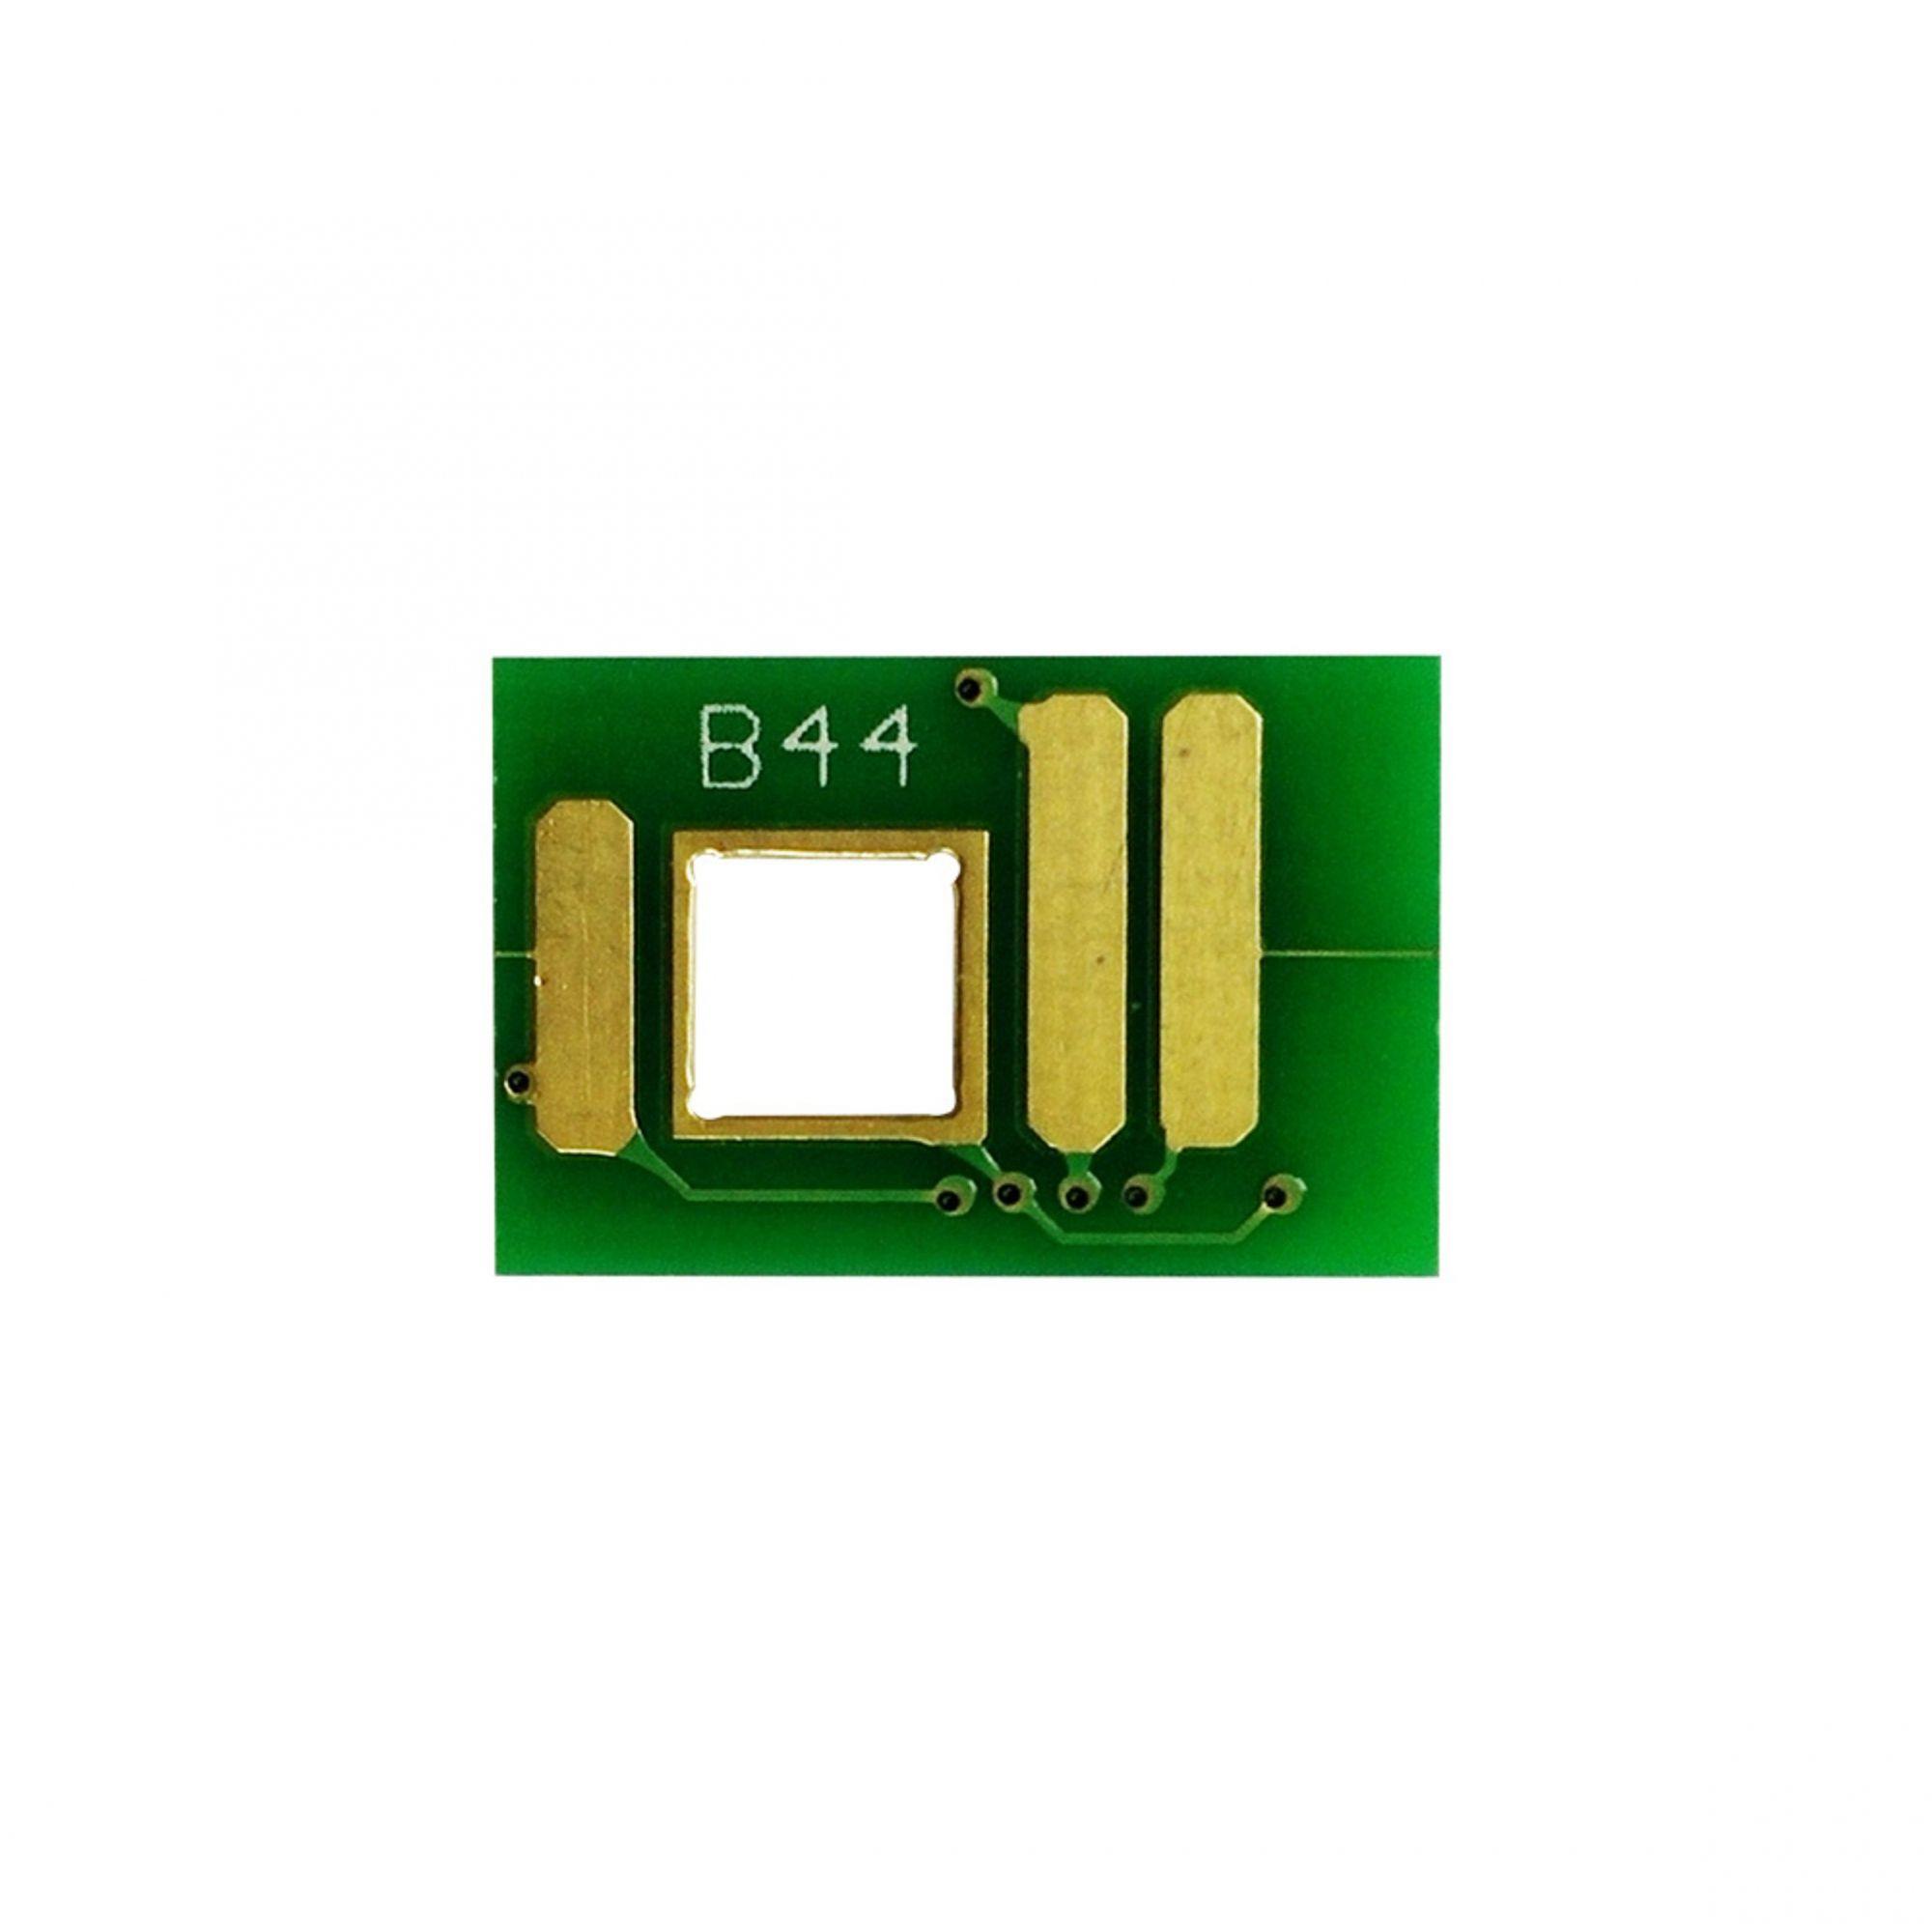 Chip Compatível Cyan p/ Ricoh MP C4503 C5503 - 22.5k